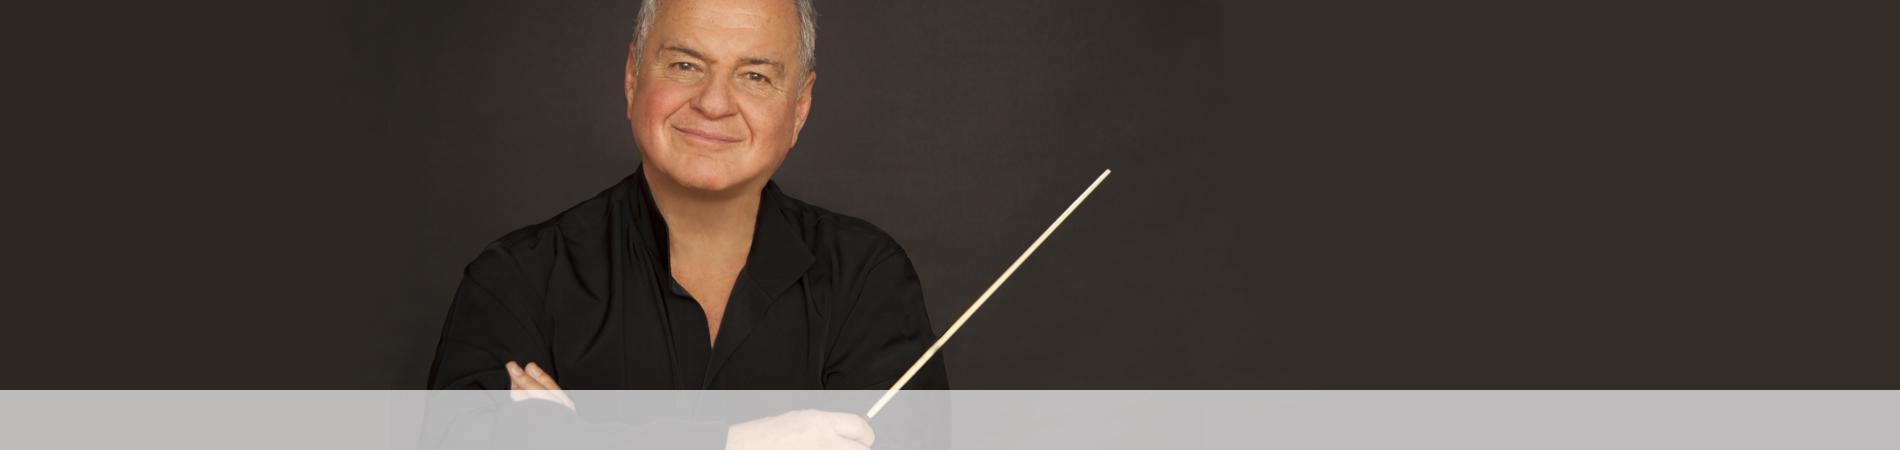 Jaime Laredo, conductor, Westchester Philharmonic